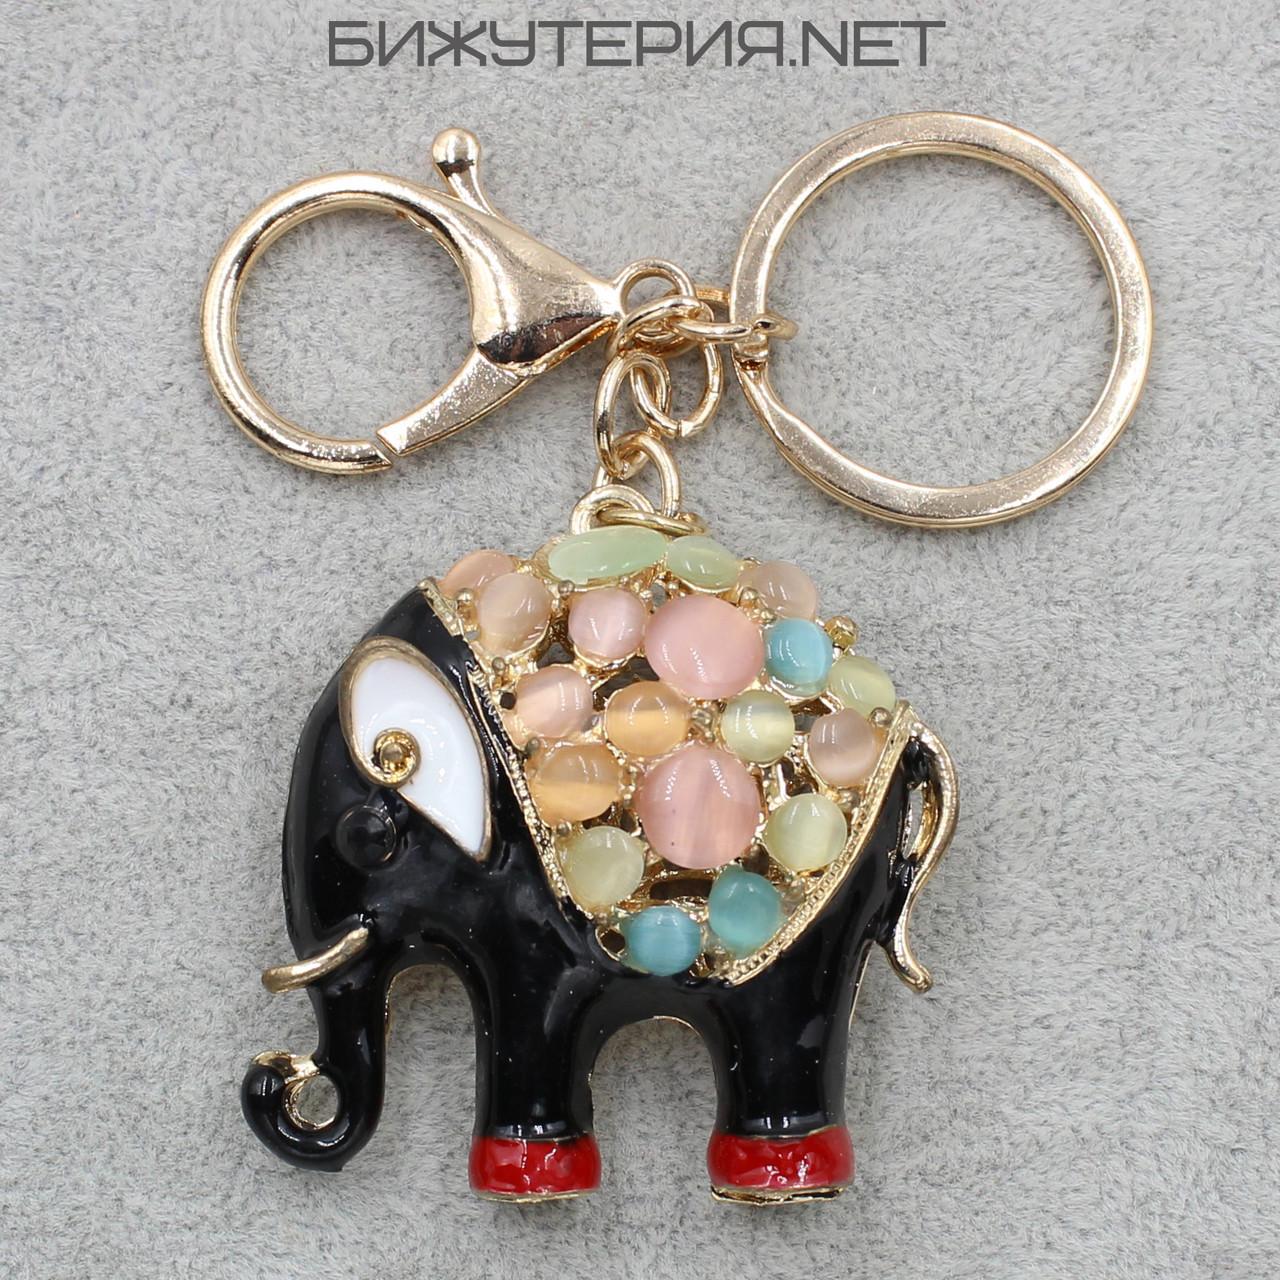 Брелок JB Слон черная и красная эмаль металл золотого цвета с разноцветными камнями - 1066636612